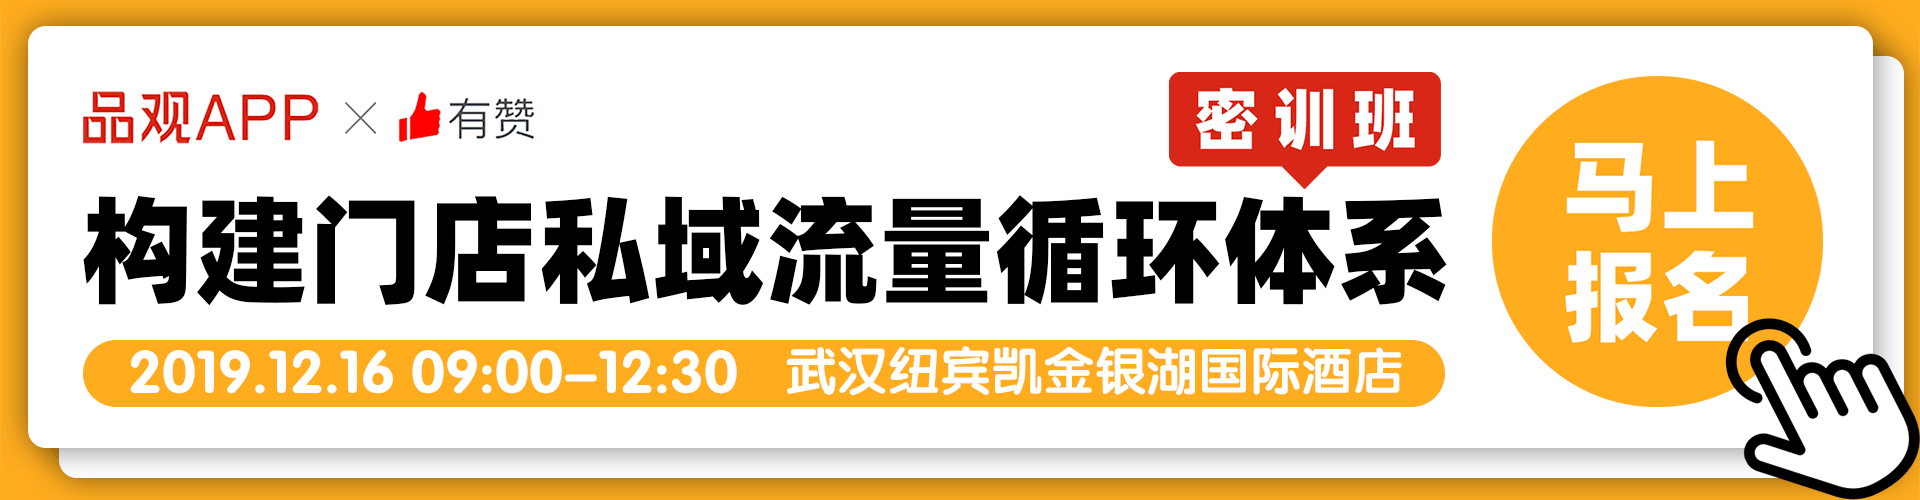 12月16日有赞X品观App美妆门店公开课(武汉站)